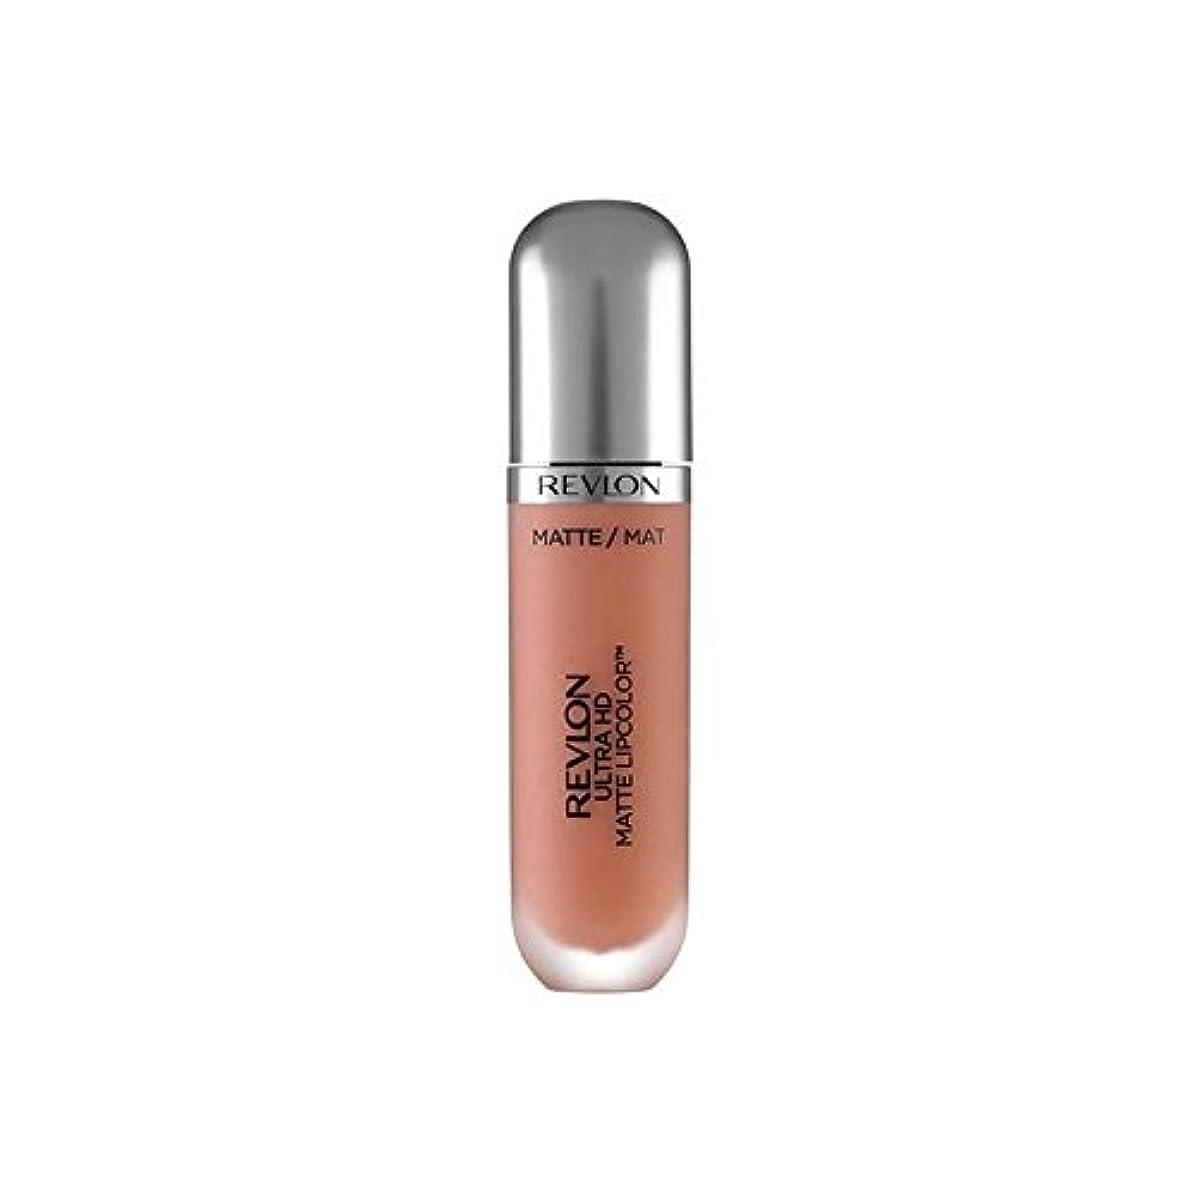 内向き詳細なアクションレブロンウルトラマット口紅誘惑の5.9ミリリットル x2 - Revlon Ultra HD Matte Lipstick Seduction 5.9ml (Pack of 2) [並行輸入品]